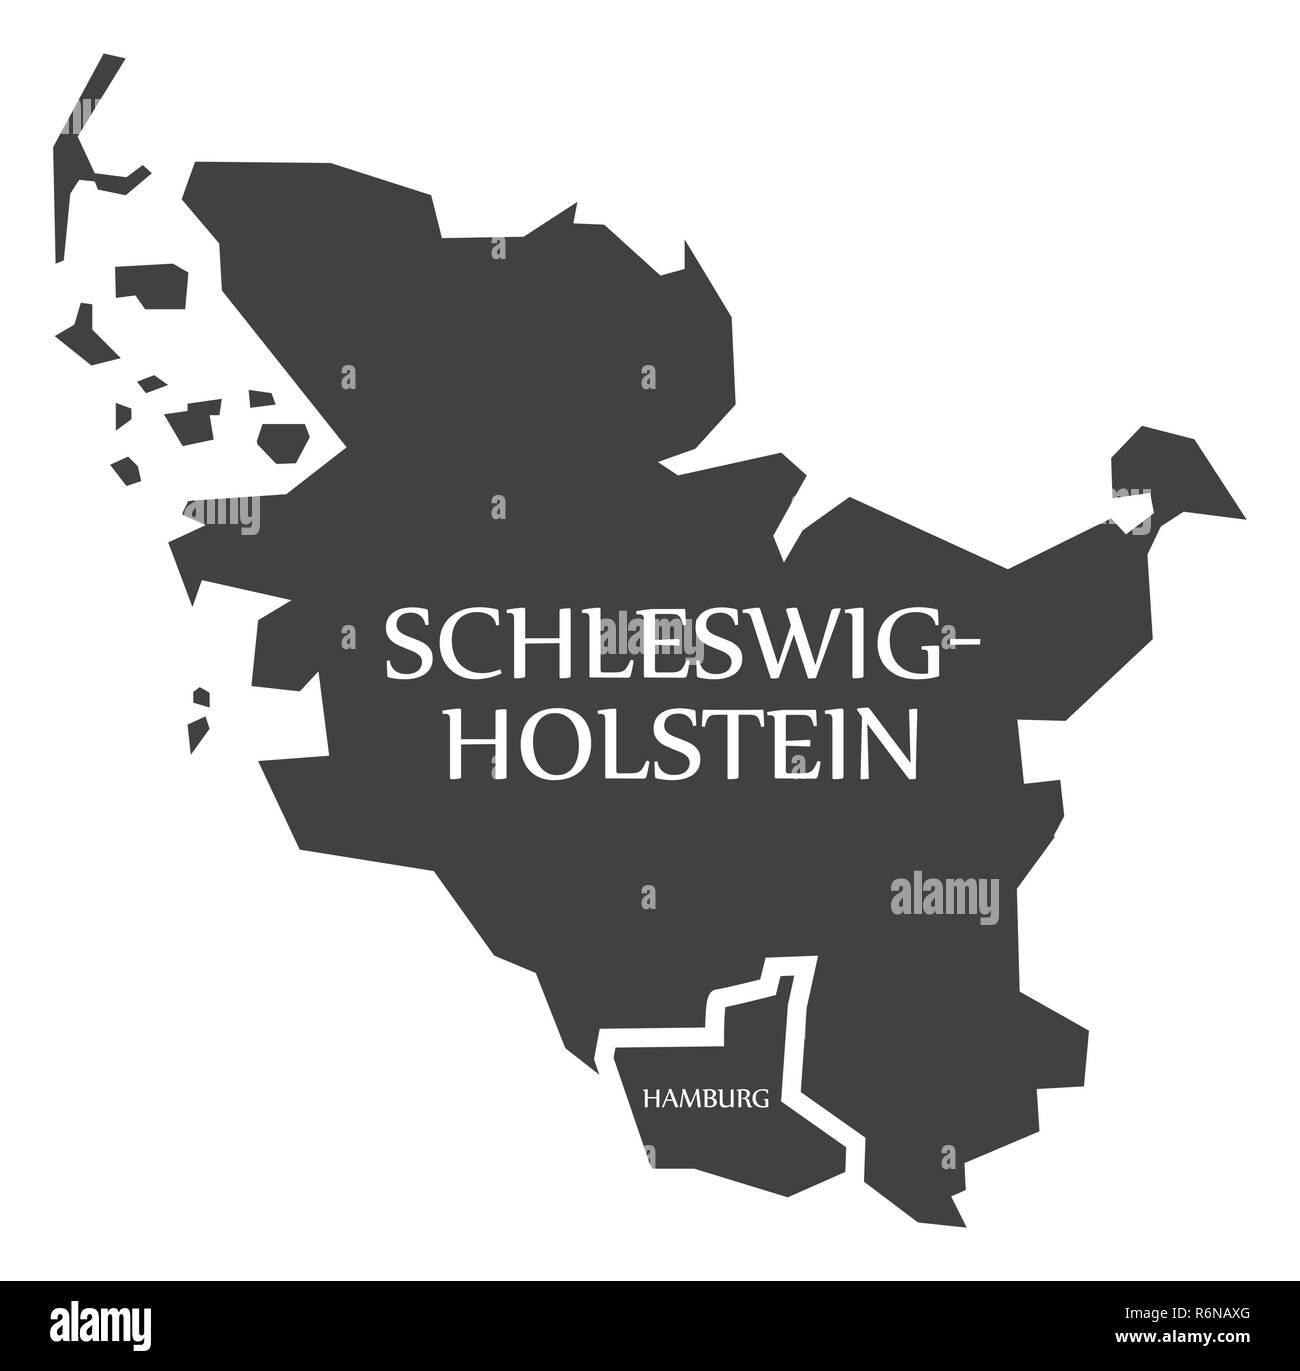 Deutschland Karte Bundesländer Schwarz Weiß.Schleswig Holstein Hamburg Bundesländer Karte Von Deutschland